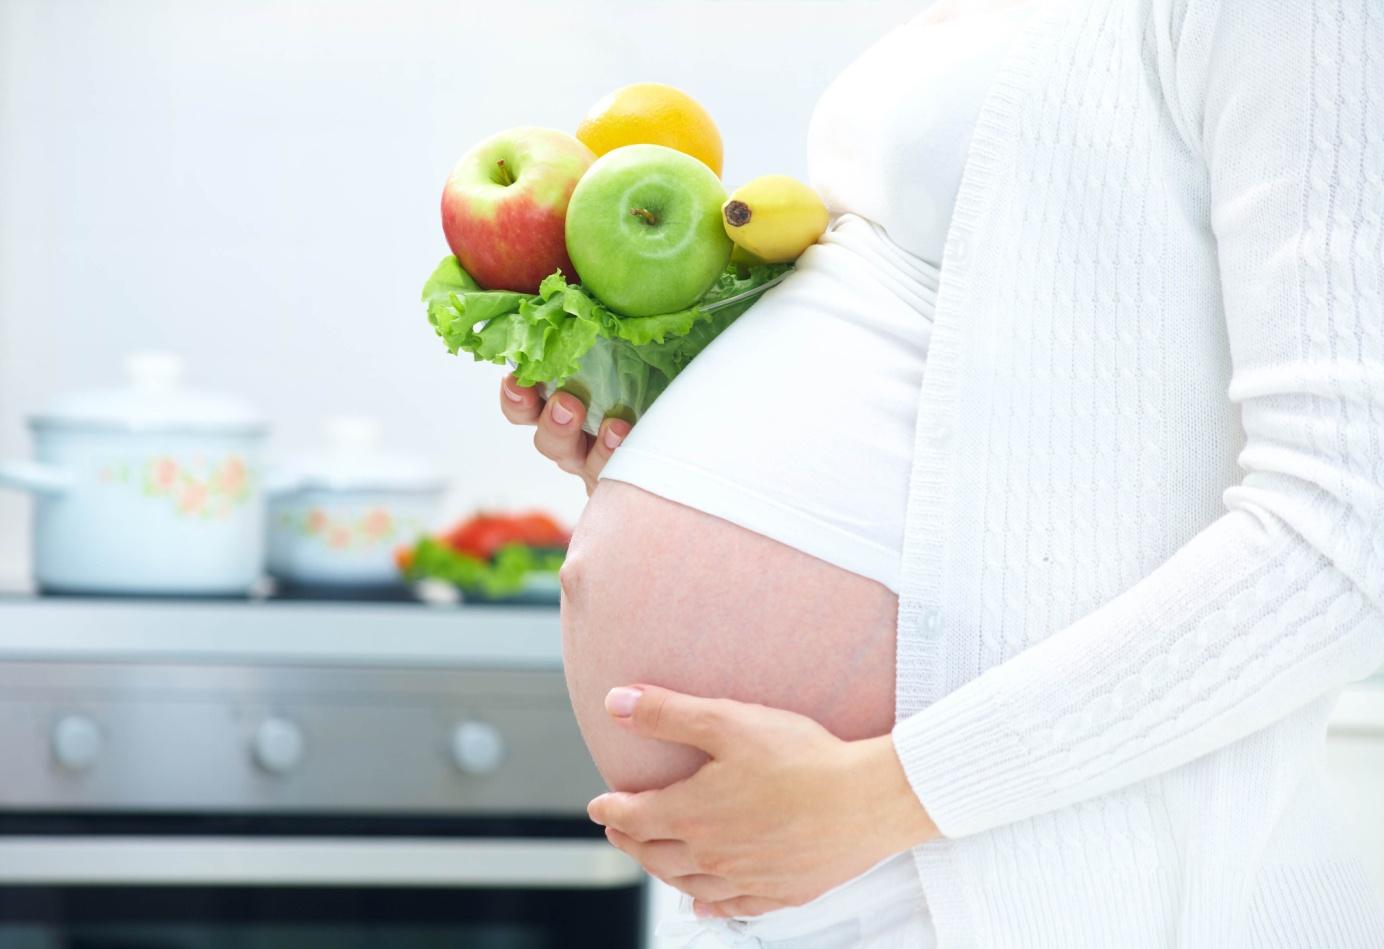 Anne adayı için gerekli besinler